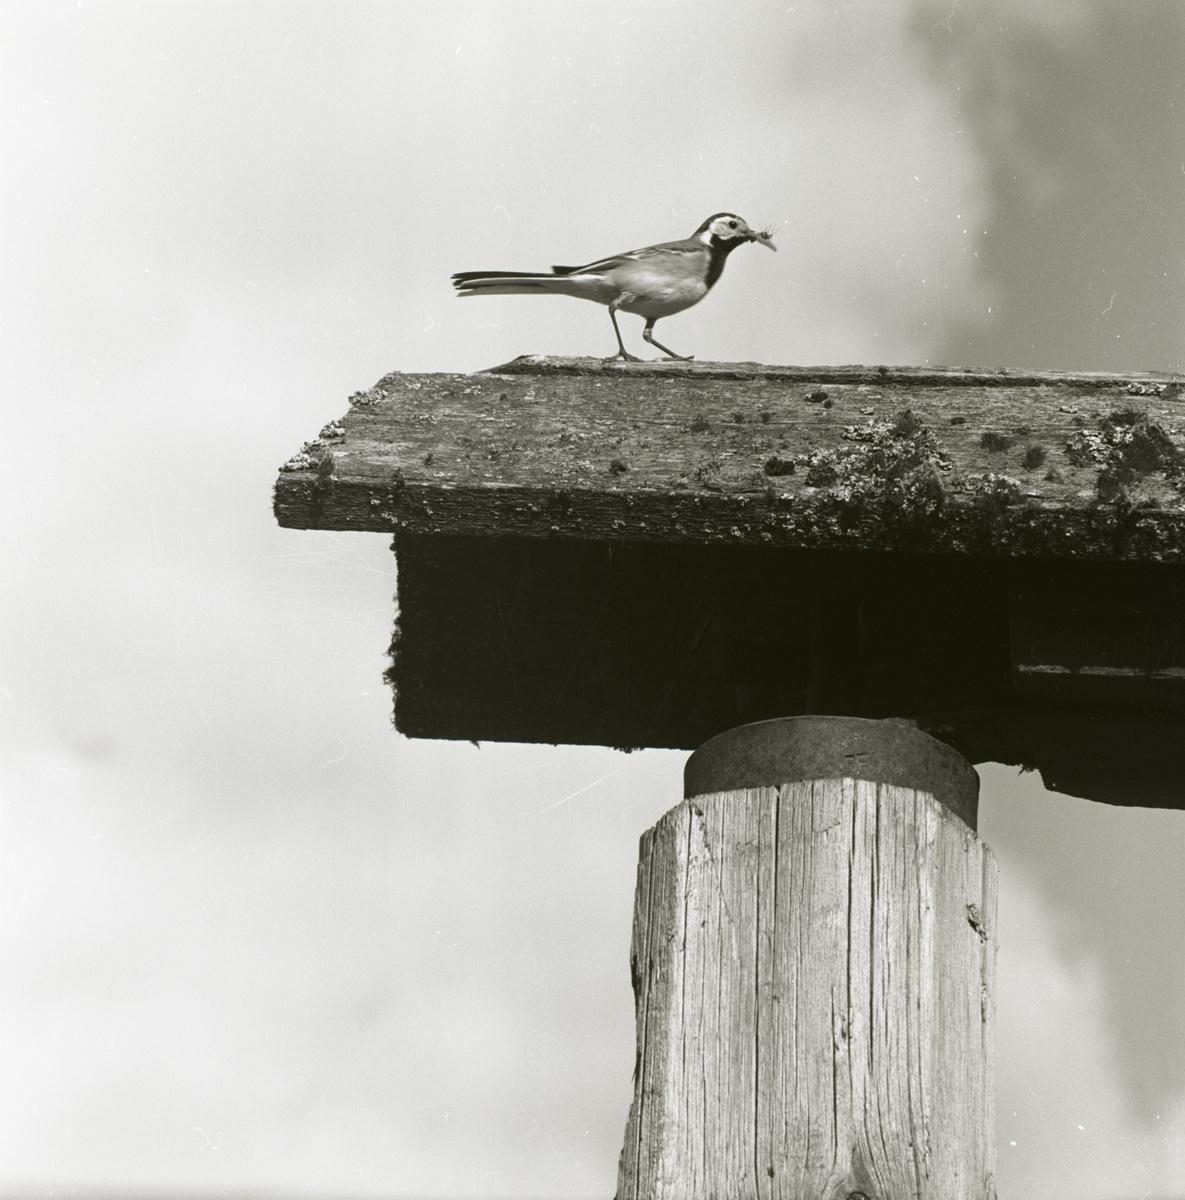 En sädesärla sitter på ett tak och spelar vid norrboån, 1965.